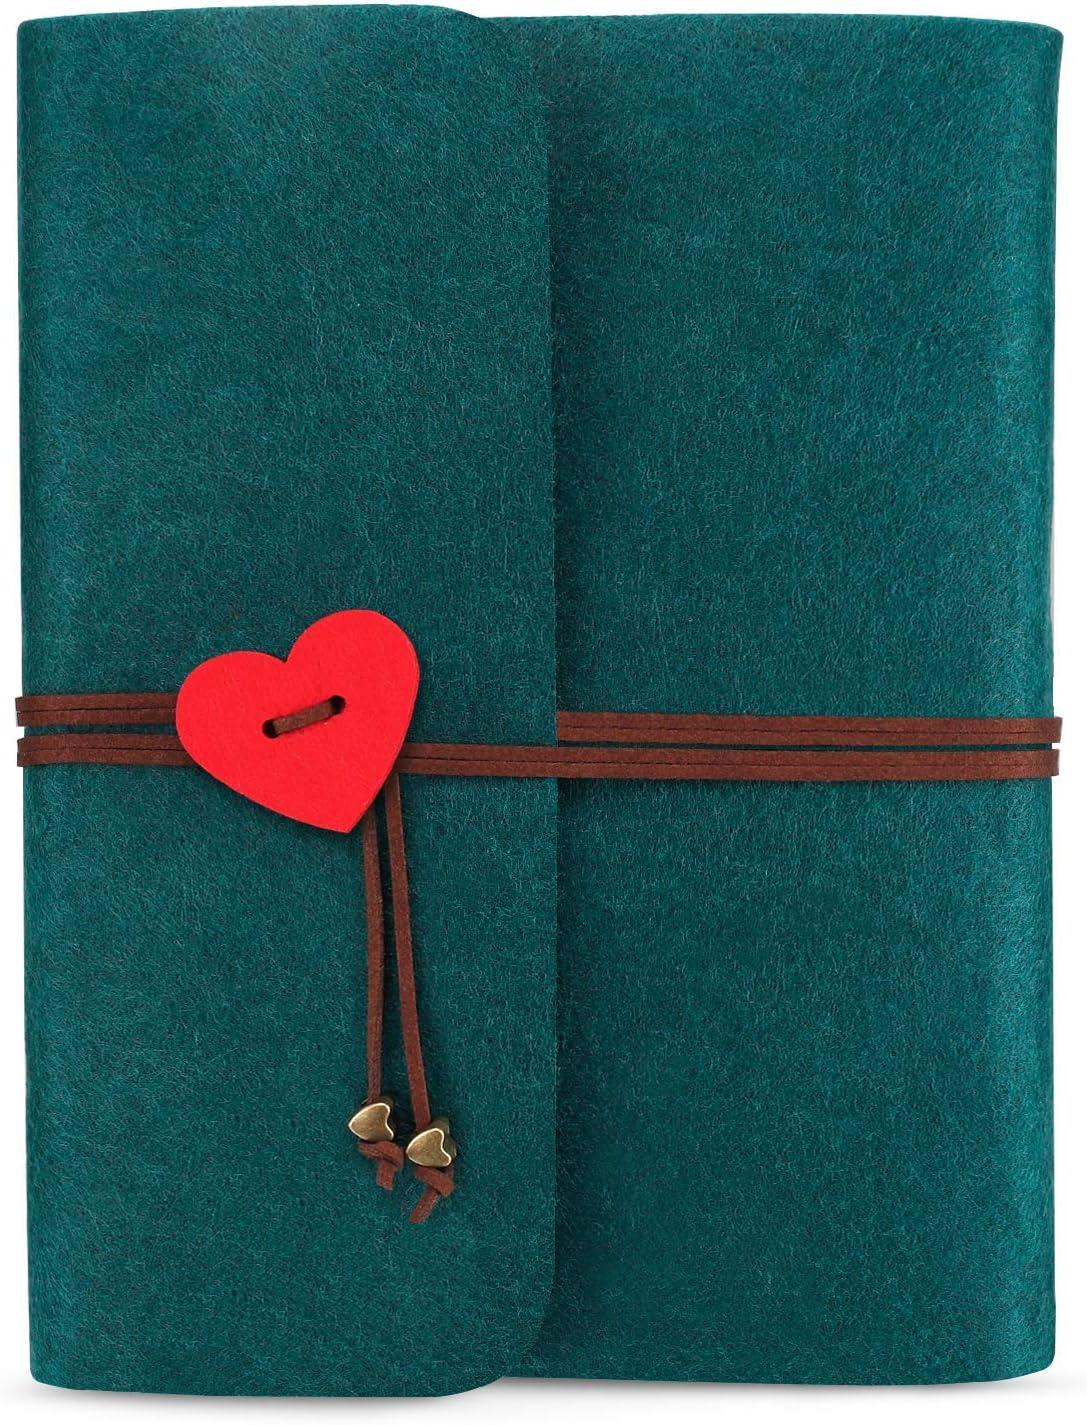 Braun Jahrestag Geburtstag Geschenk F/ür Freundin Liebe Fotobuch Filz Hochzeit Fotoalben Ringbuch ONEDERZ Fotoalbum Zum Selbstgestalten Schwarze Seiten Scrapbook Album Zum Einkleben